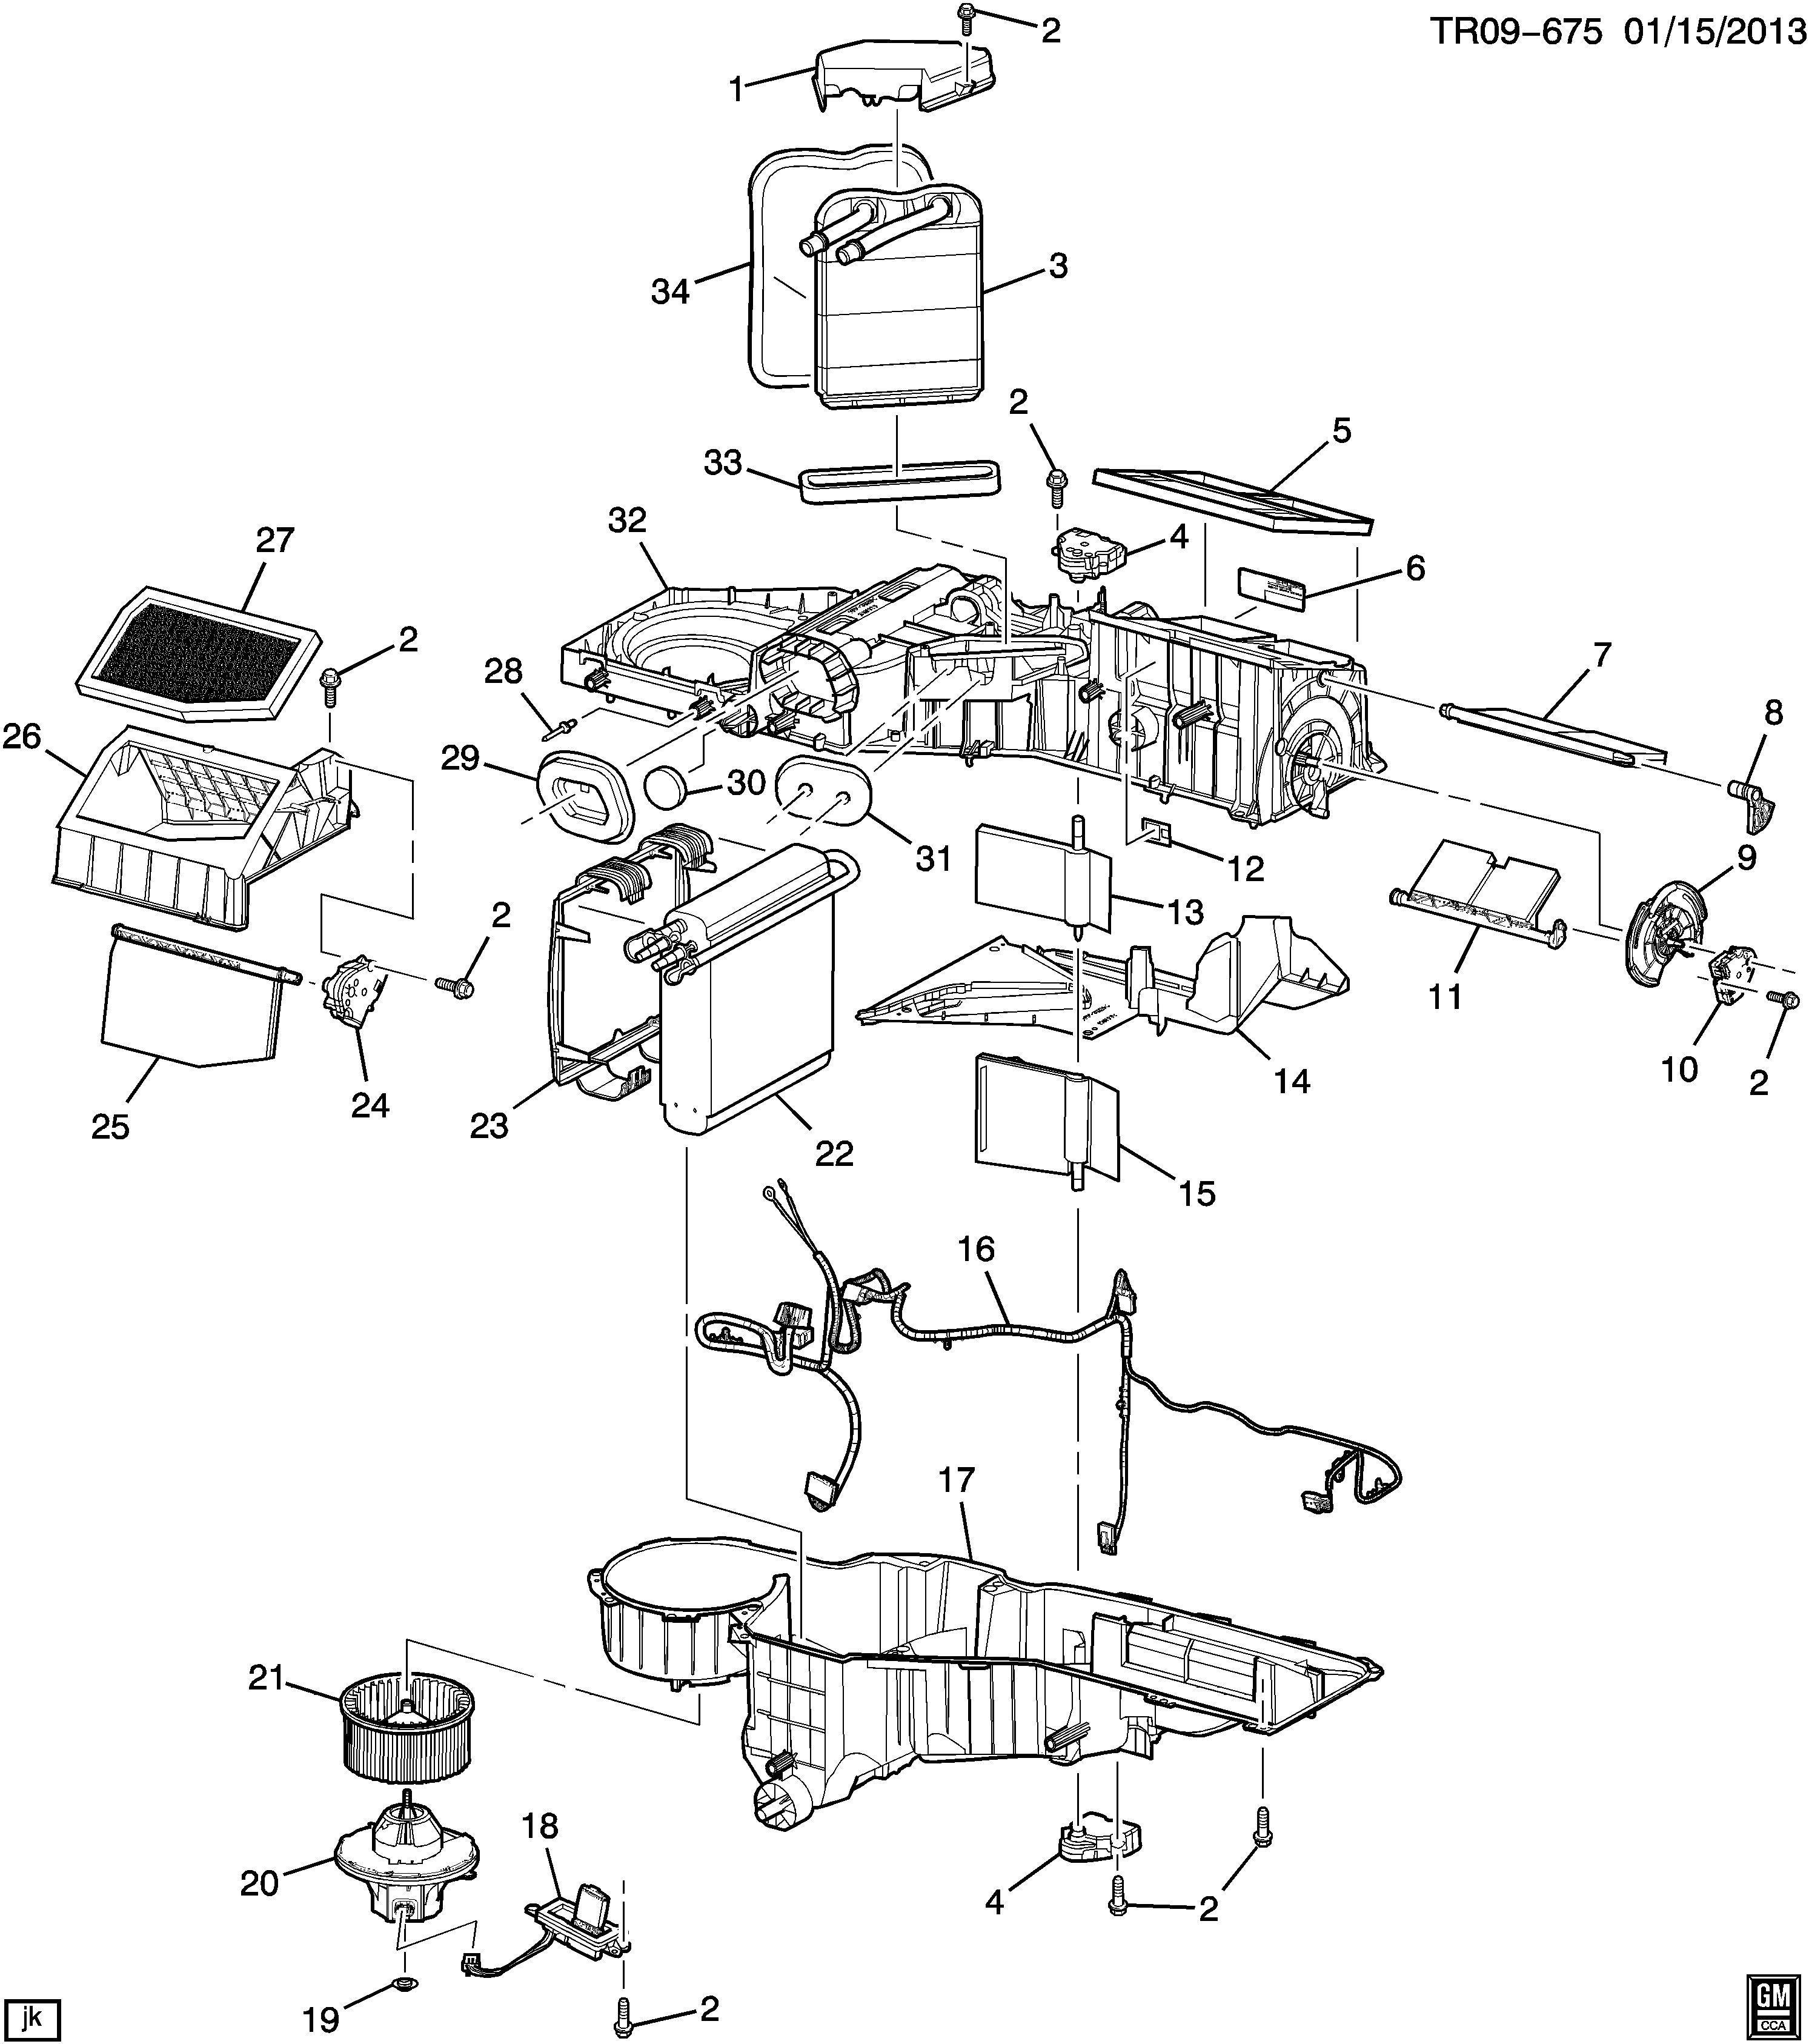 Chevrolet Silverado Base Actuator Air Conditioning